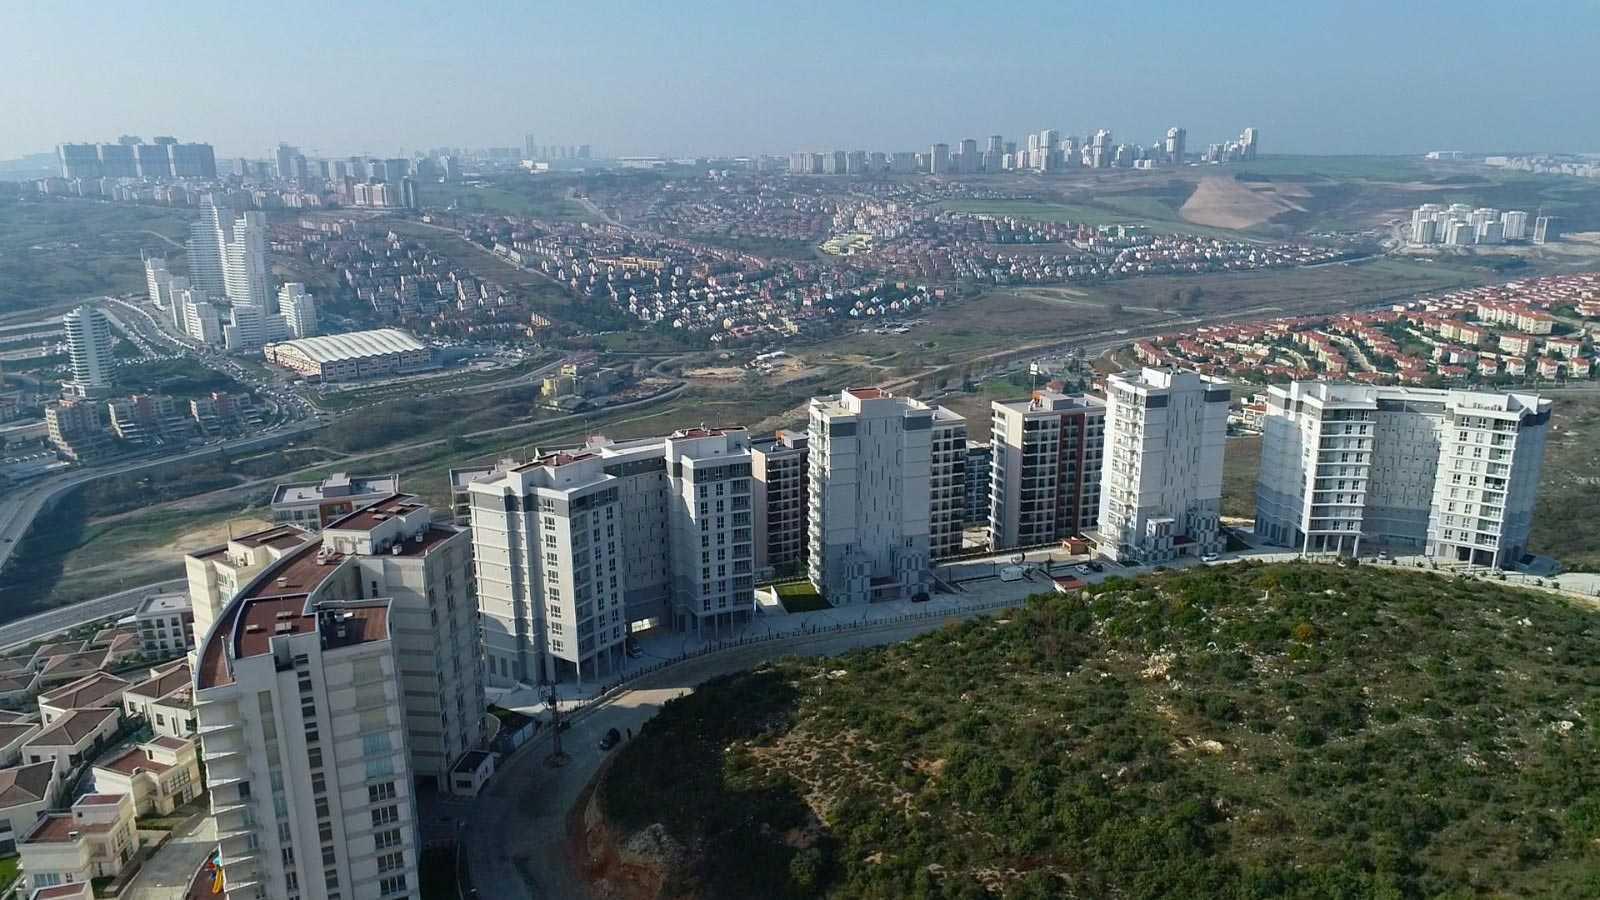 b02e5399 4fff 408f b17f 4fdbbb47407b املاک ترکیه پروژه شماره 18